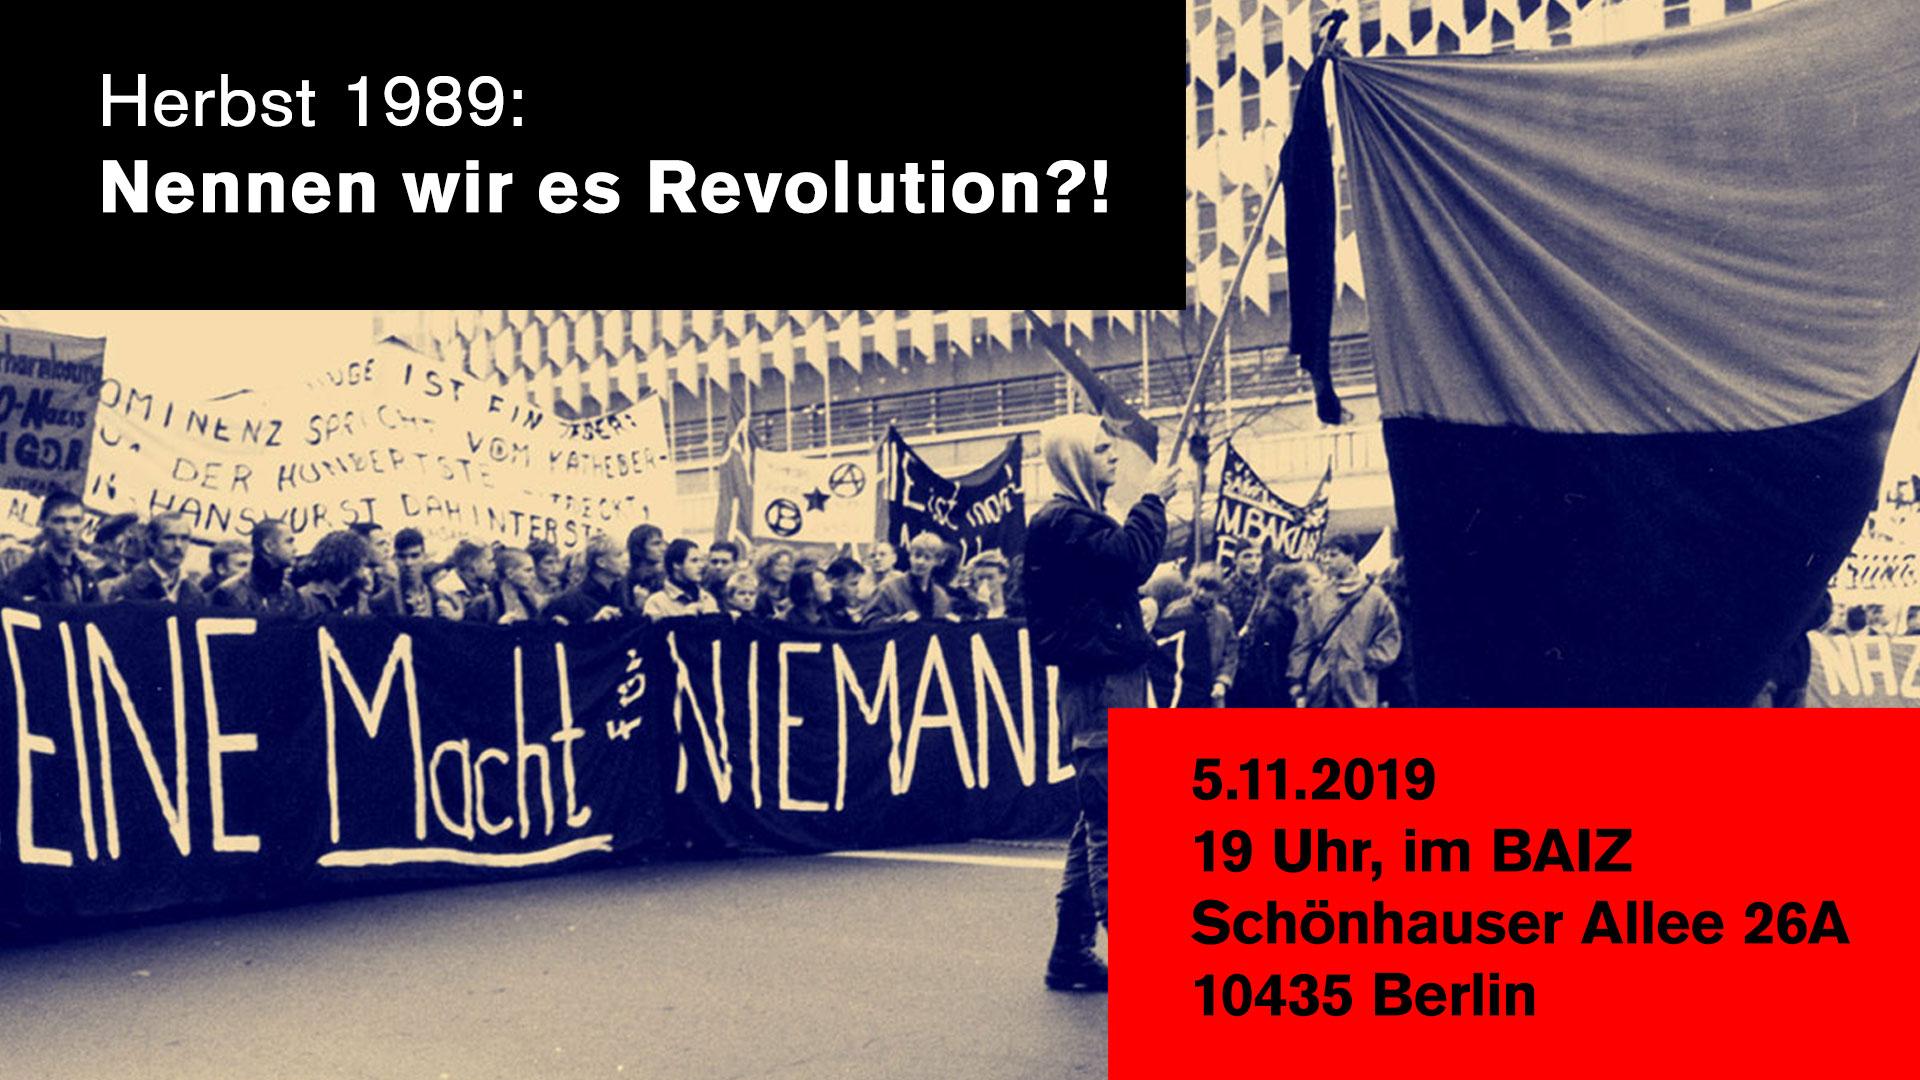 Herbst1989 - Nennen wir es Revolution?